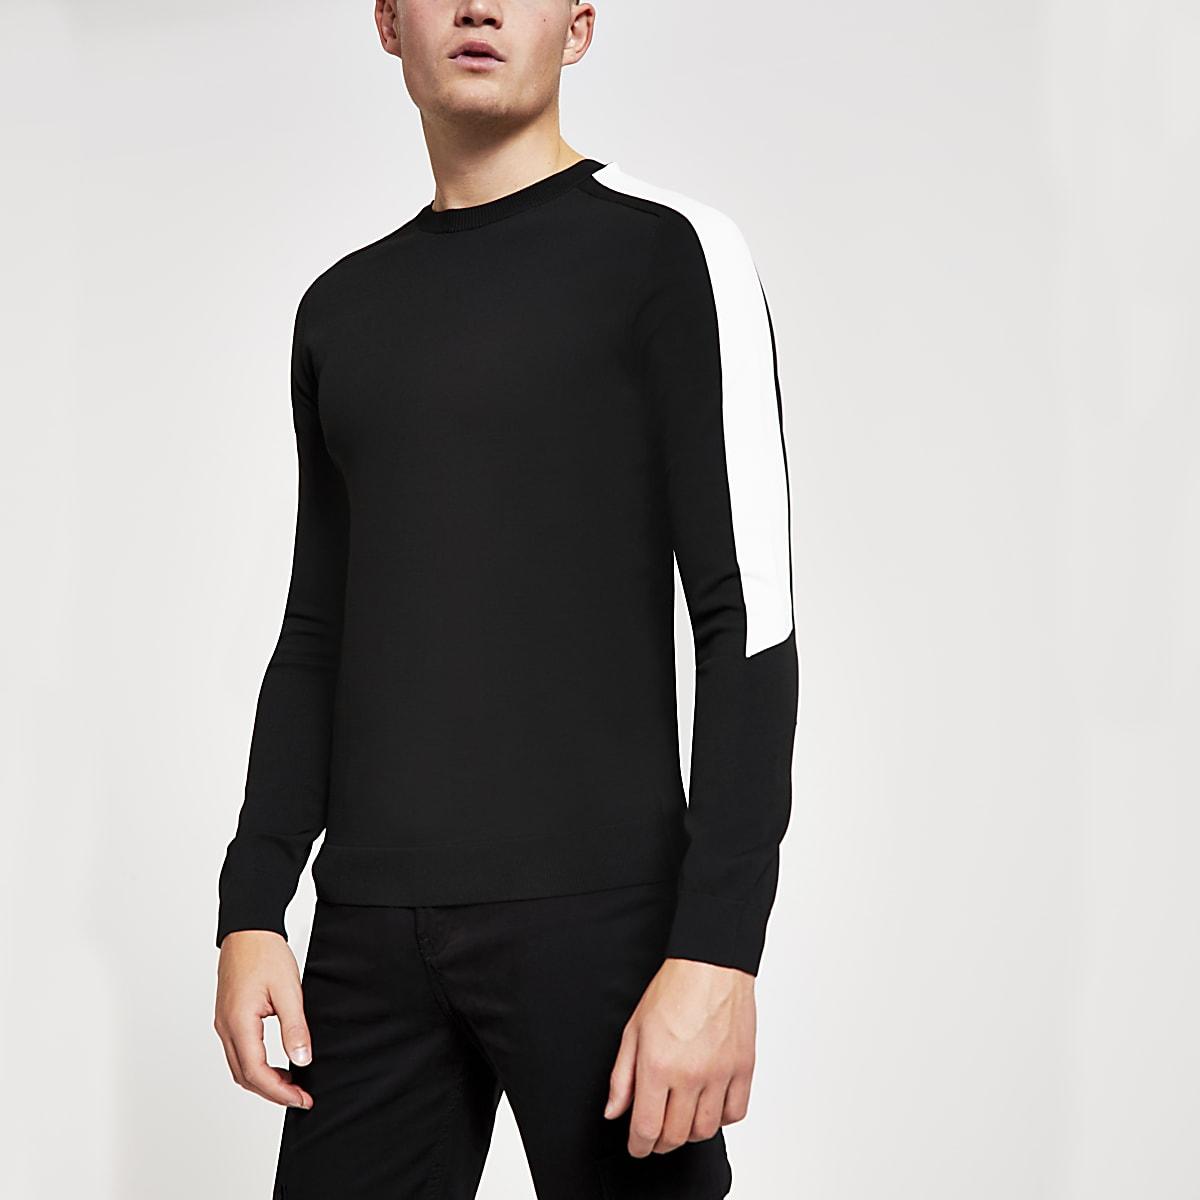 Black slim fit long sleeve stripe top